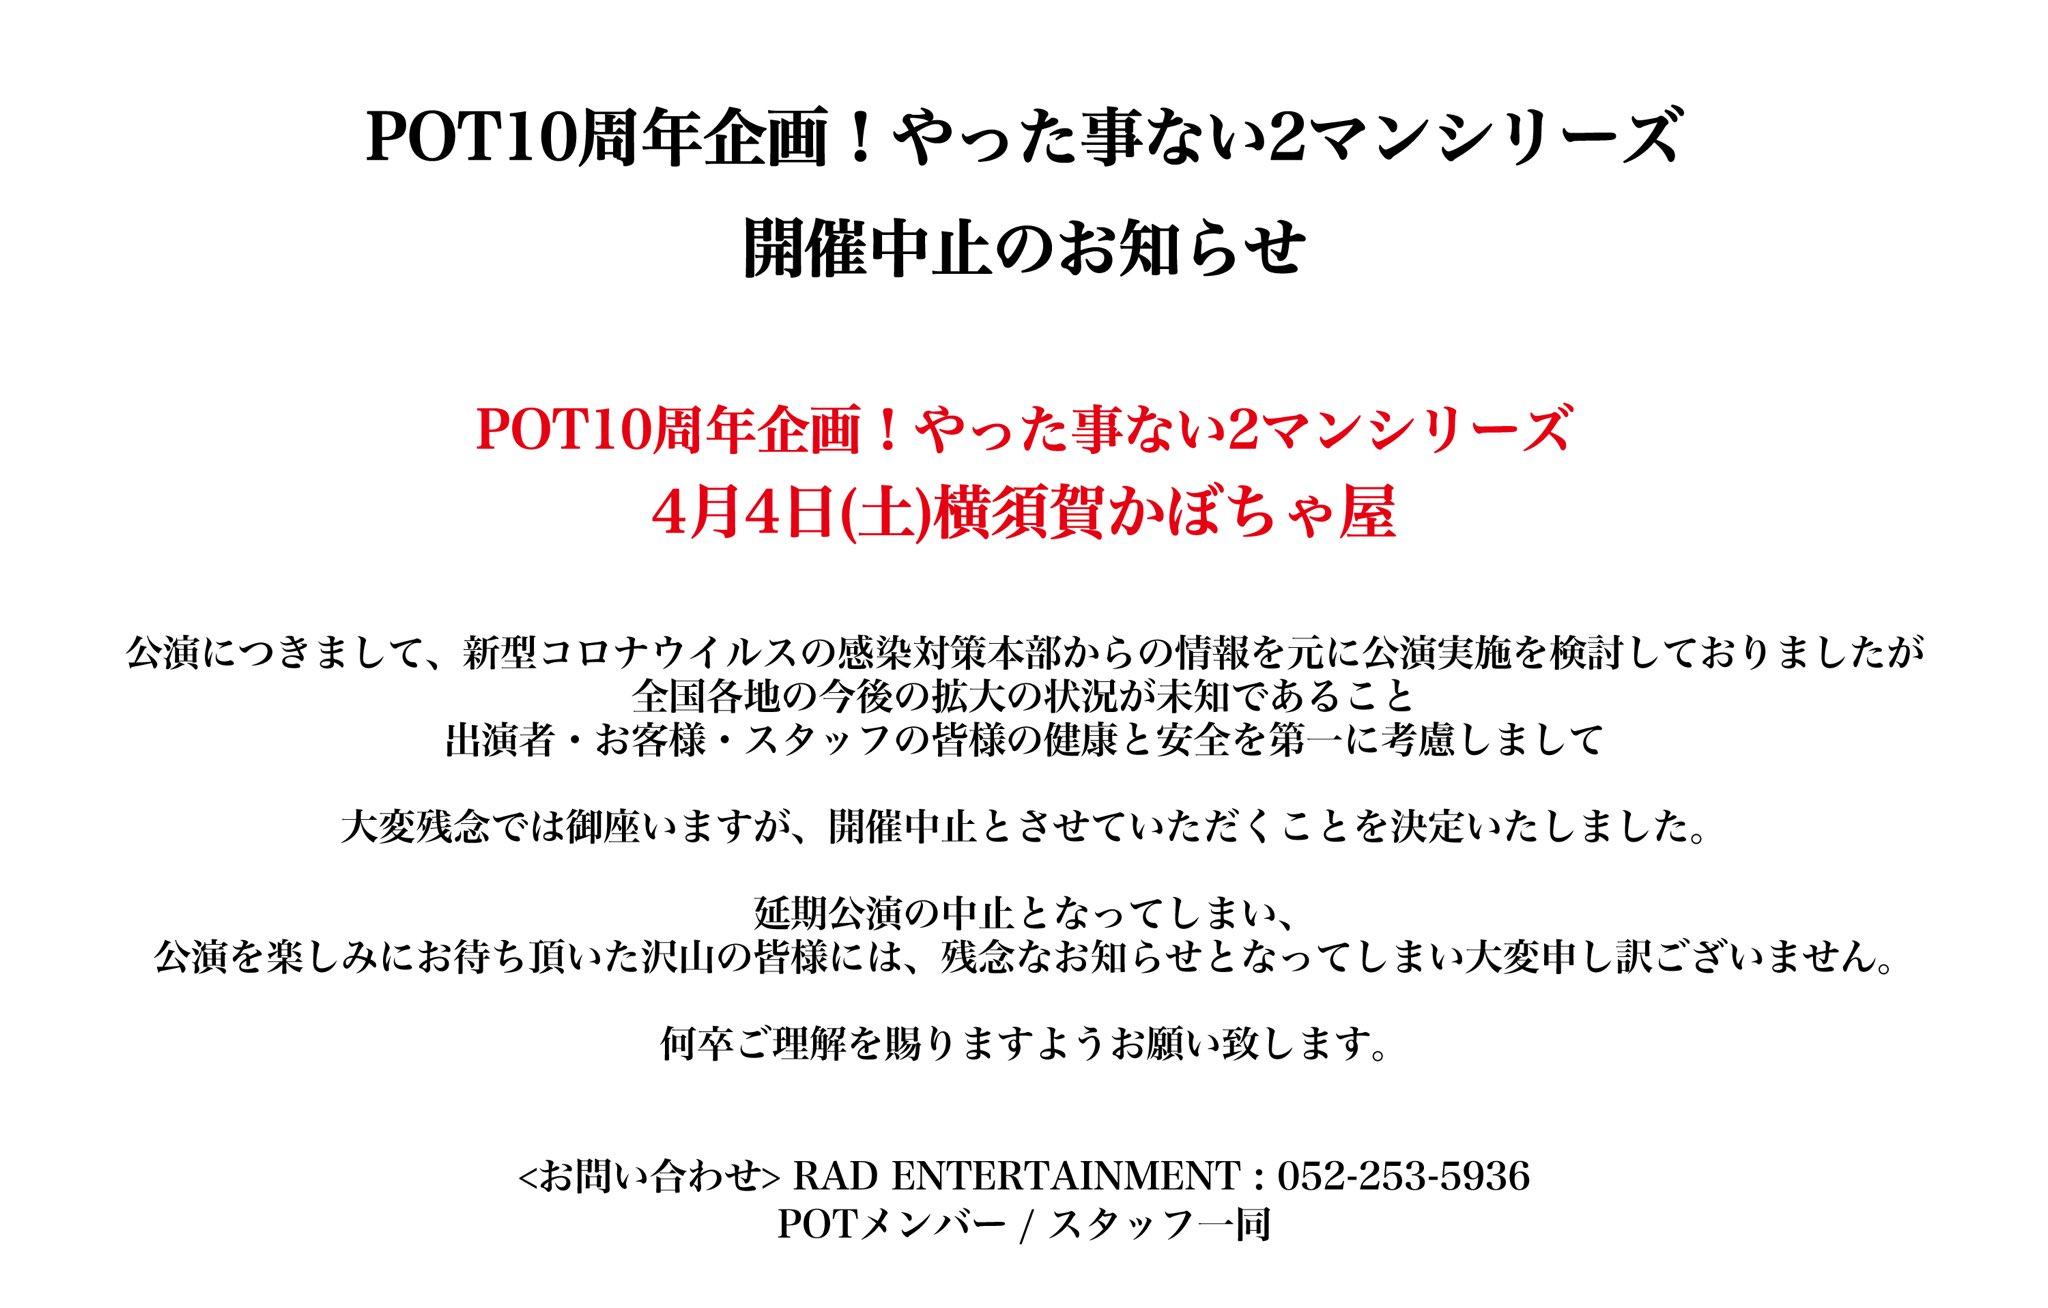 【振替公演/開催中止】POT10周年企画!やった事ない2マンシリーズ